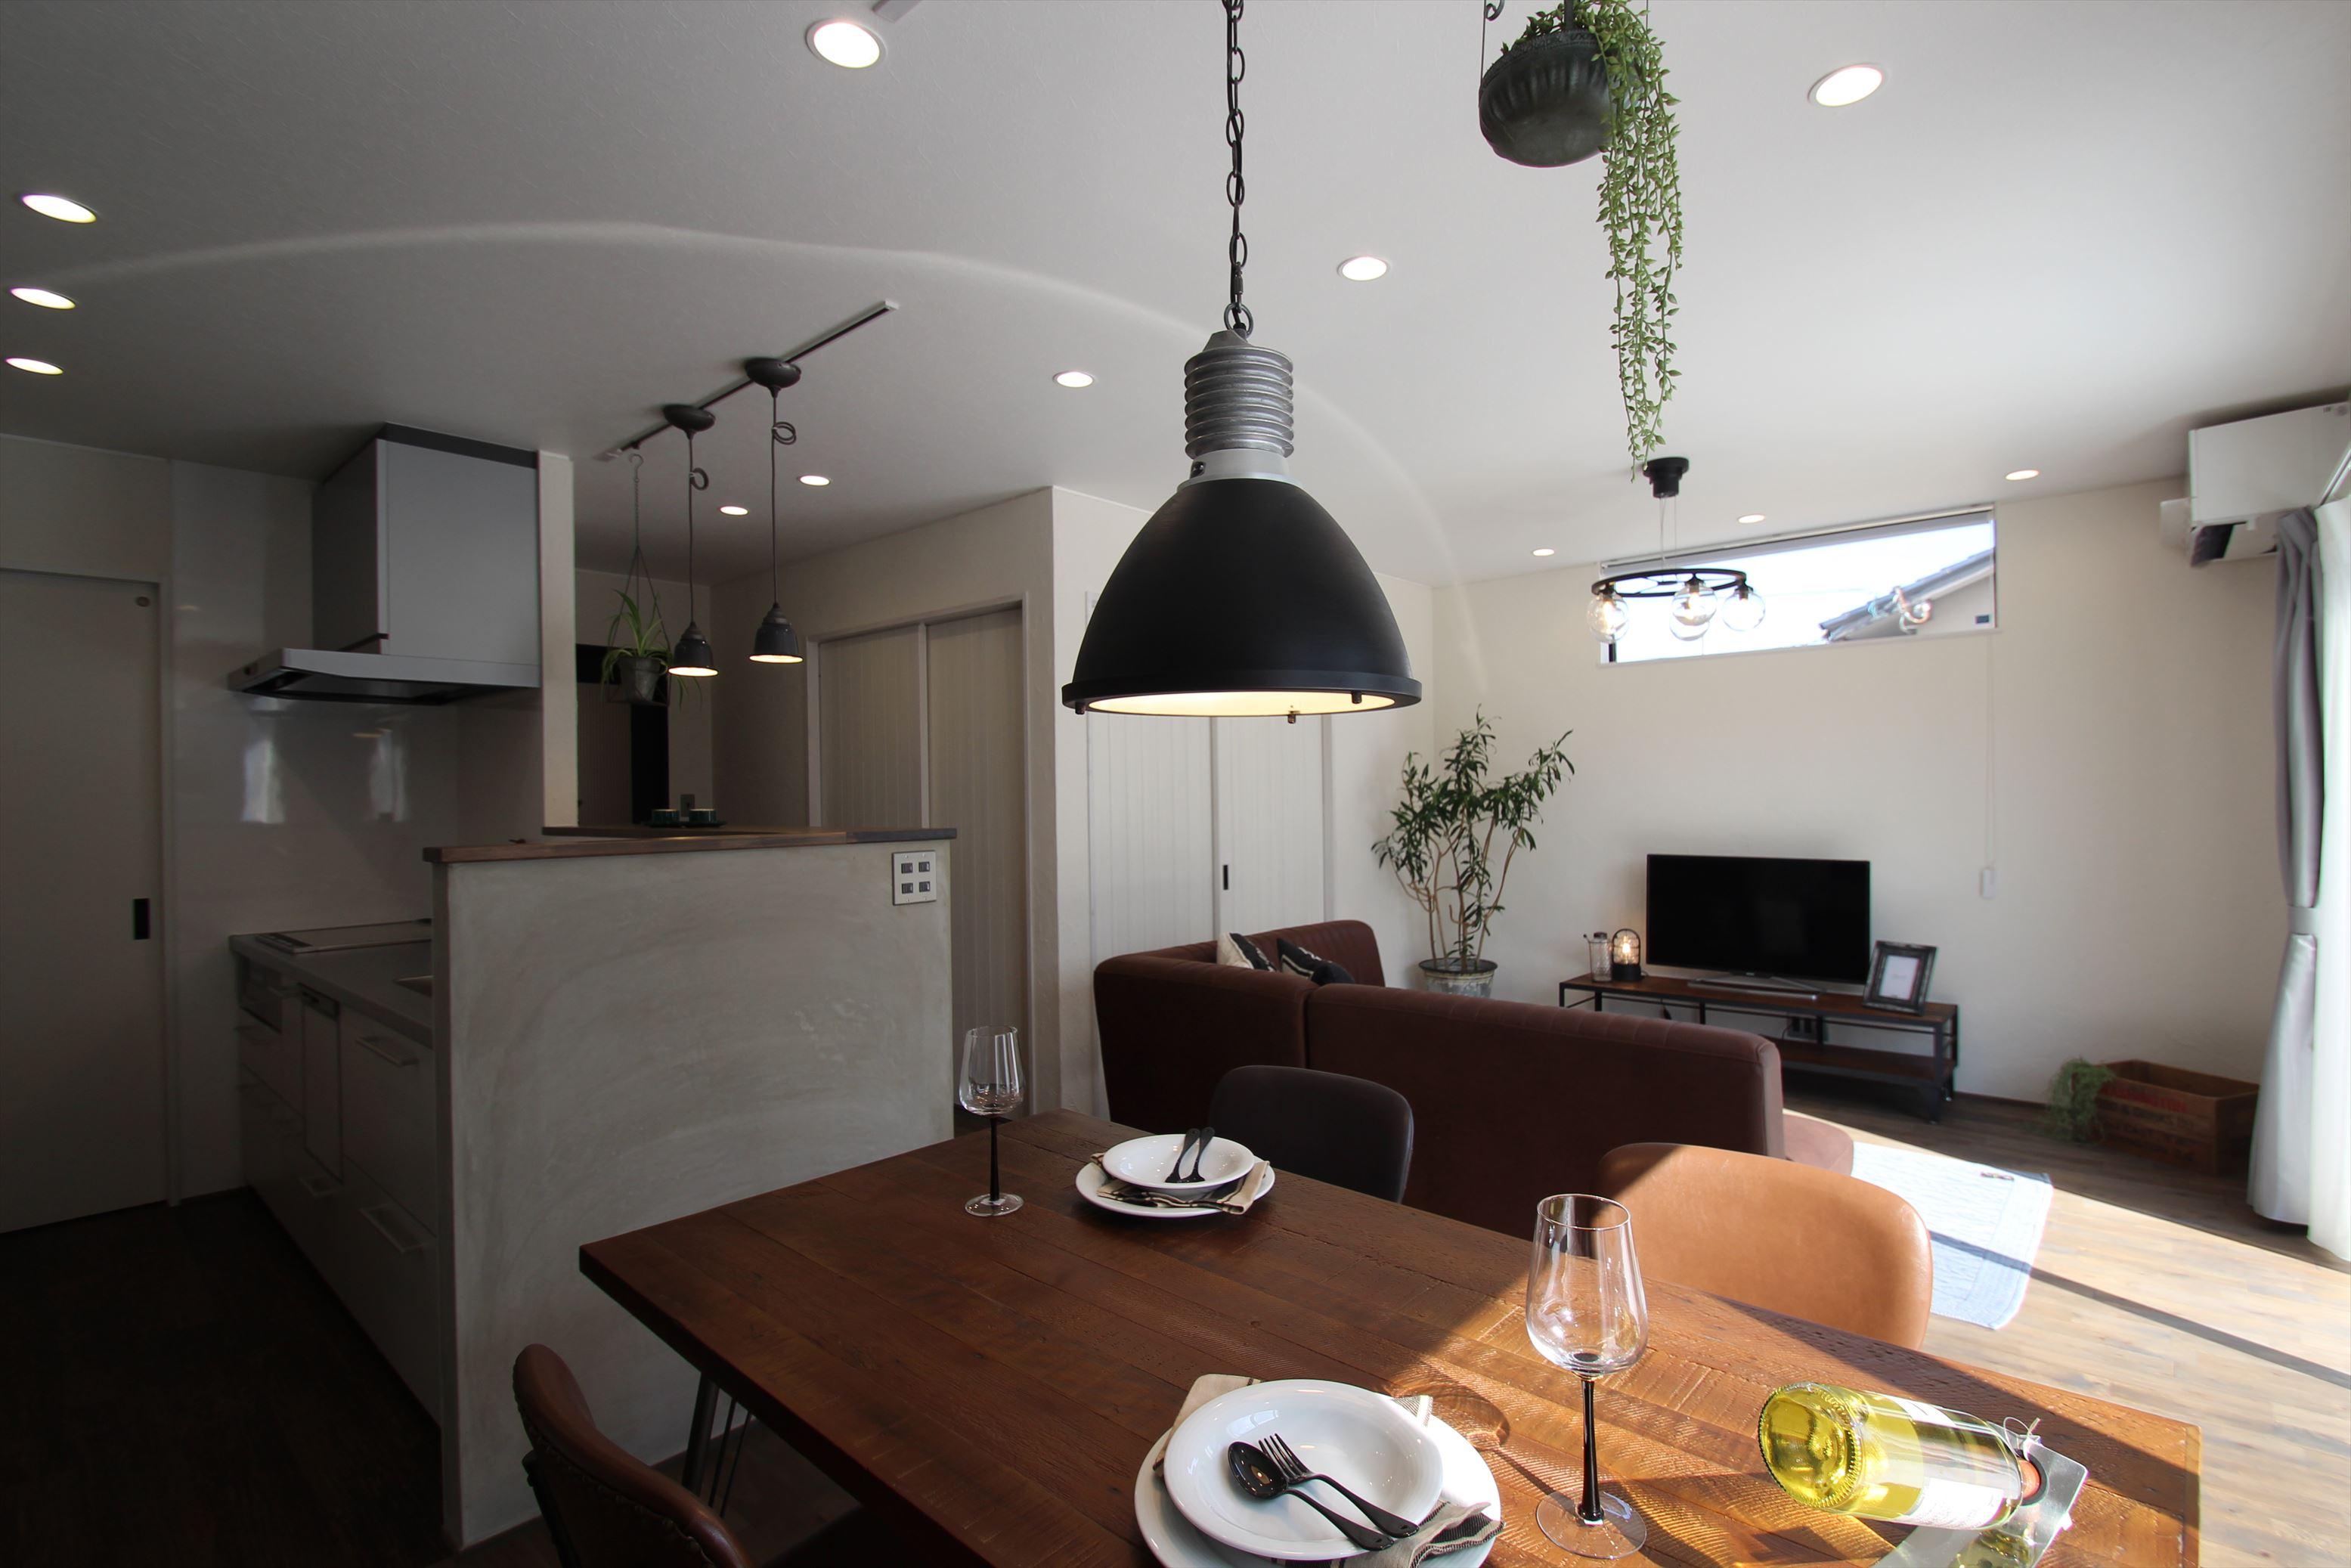 グレイッシュでナチュラルモダンの家|石川県金沢市の注文住宅・デザイン性・新築の家・戸建て|E-HOUSE